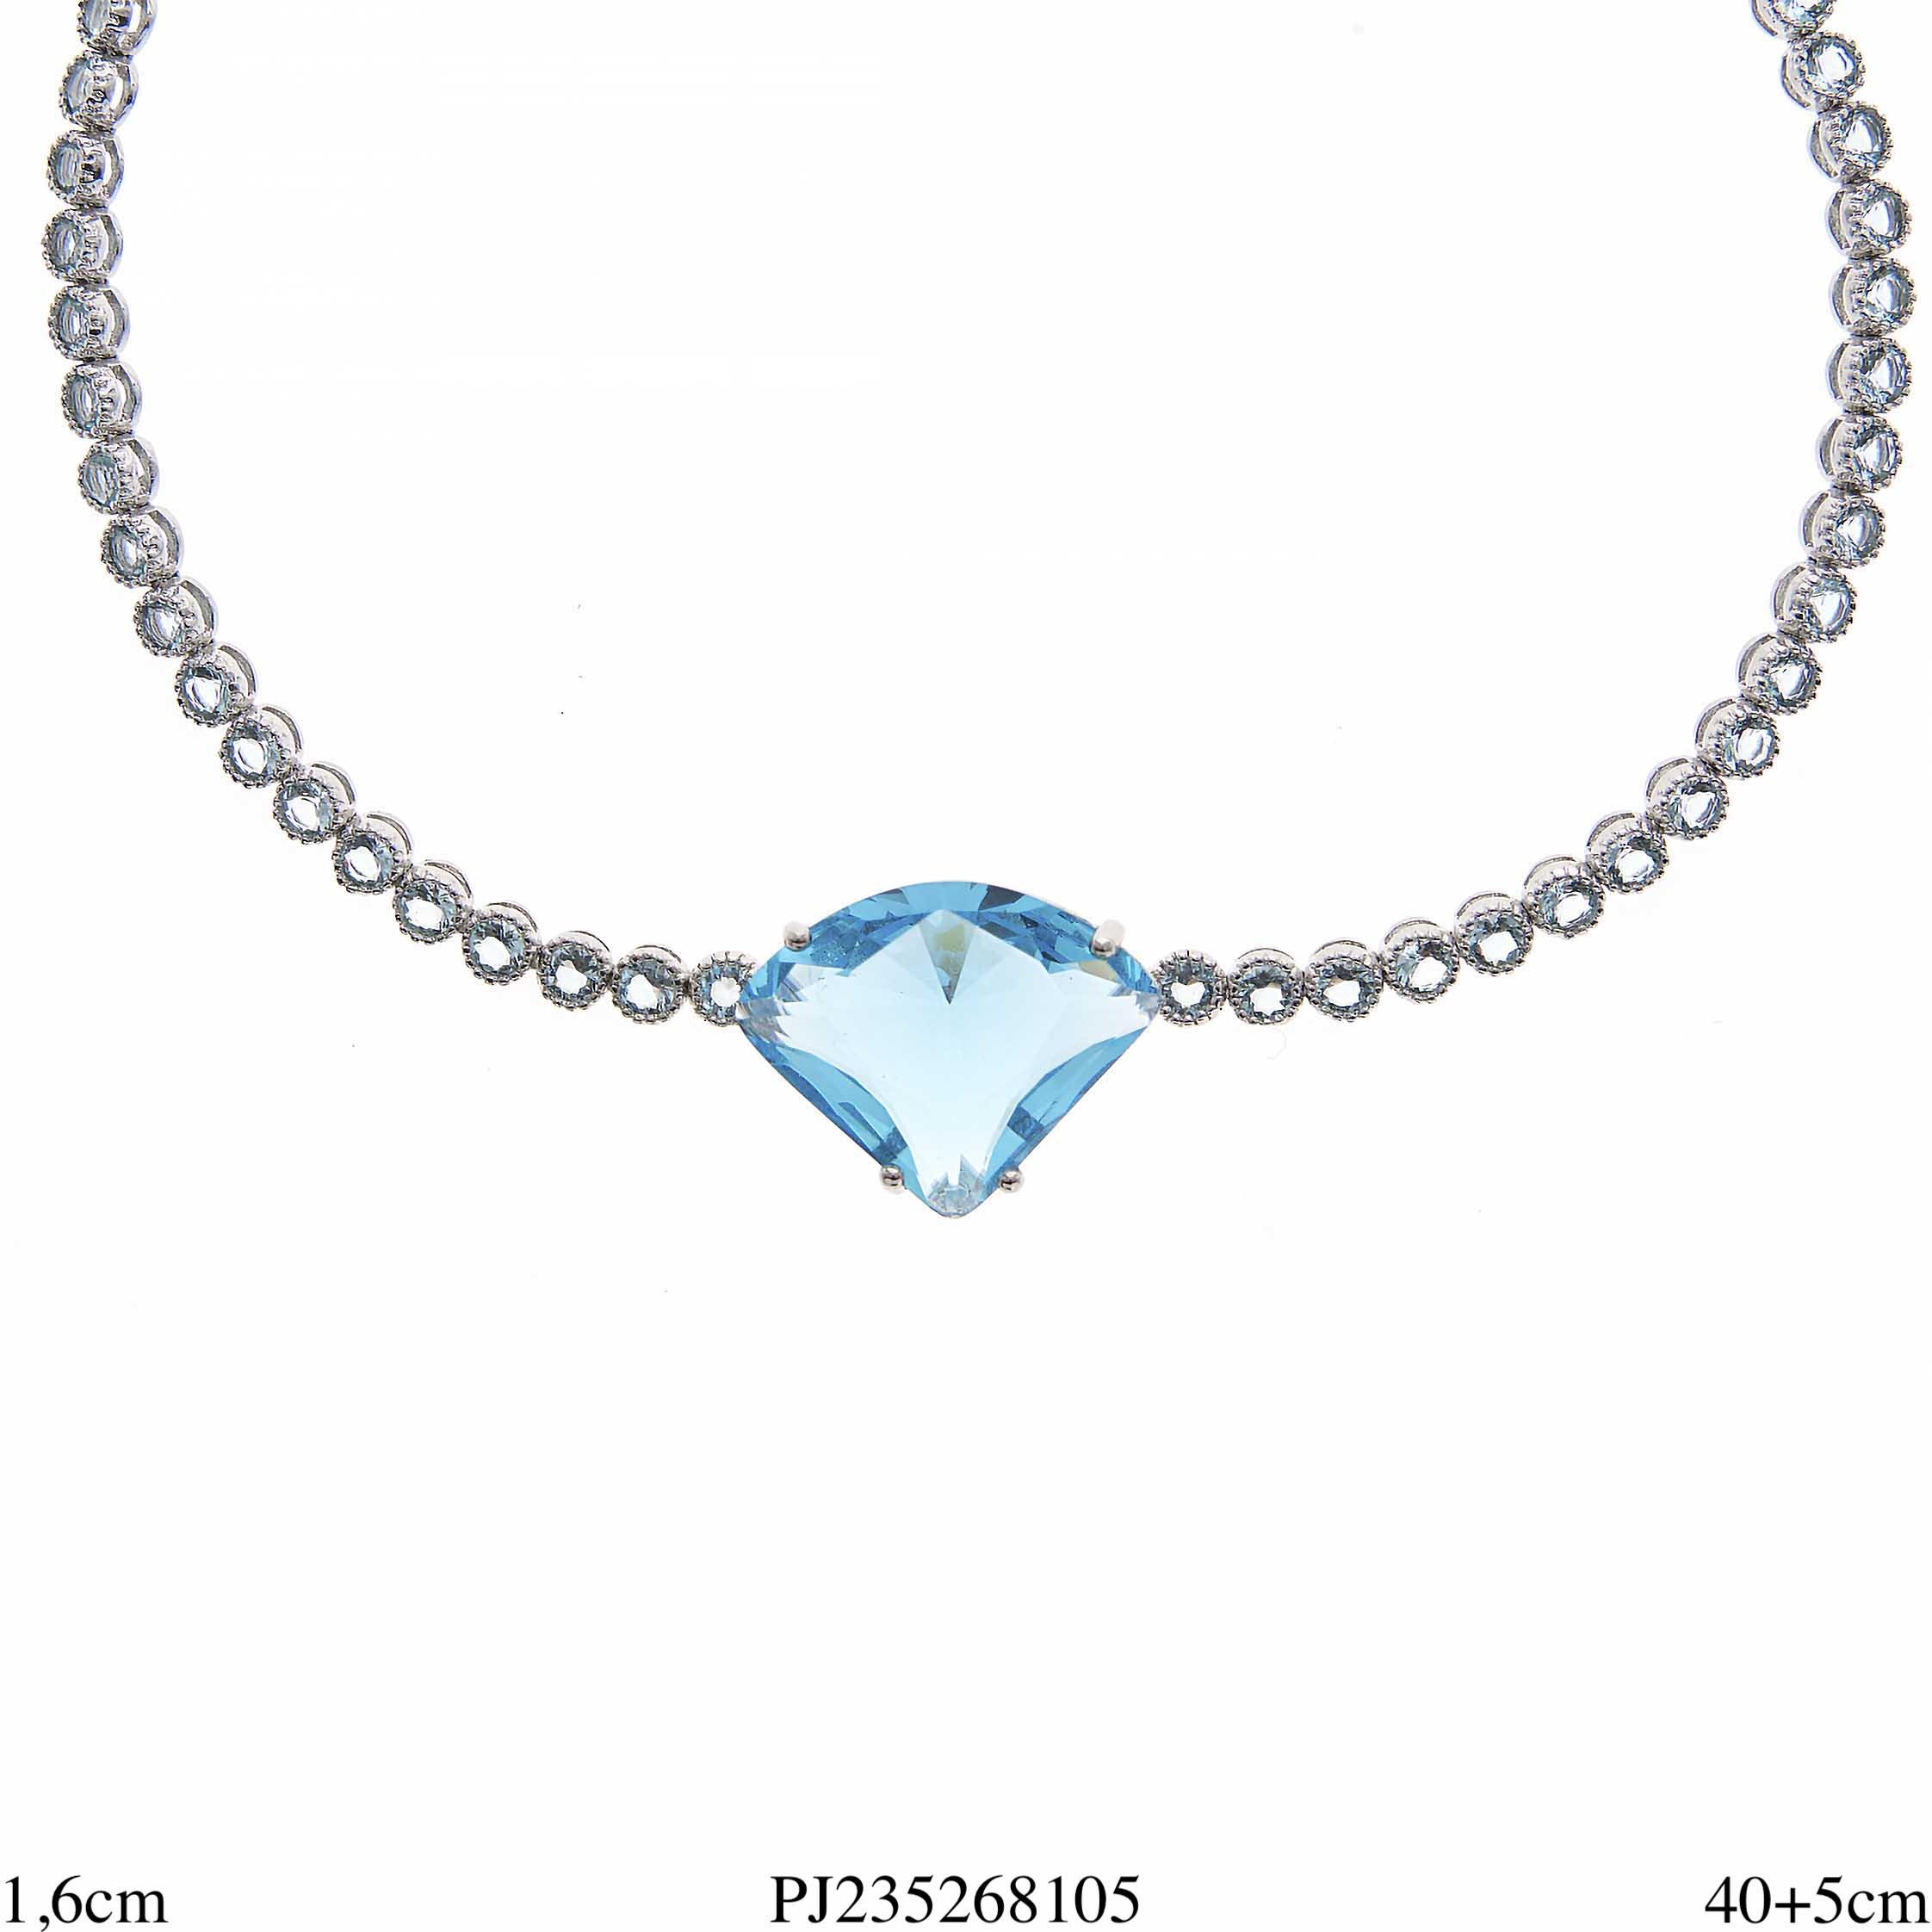 fa1c3158a5f40 Gagantilha 40cm super luxo Diamond com corrente riviera água marinha em  banho de ródio-0